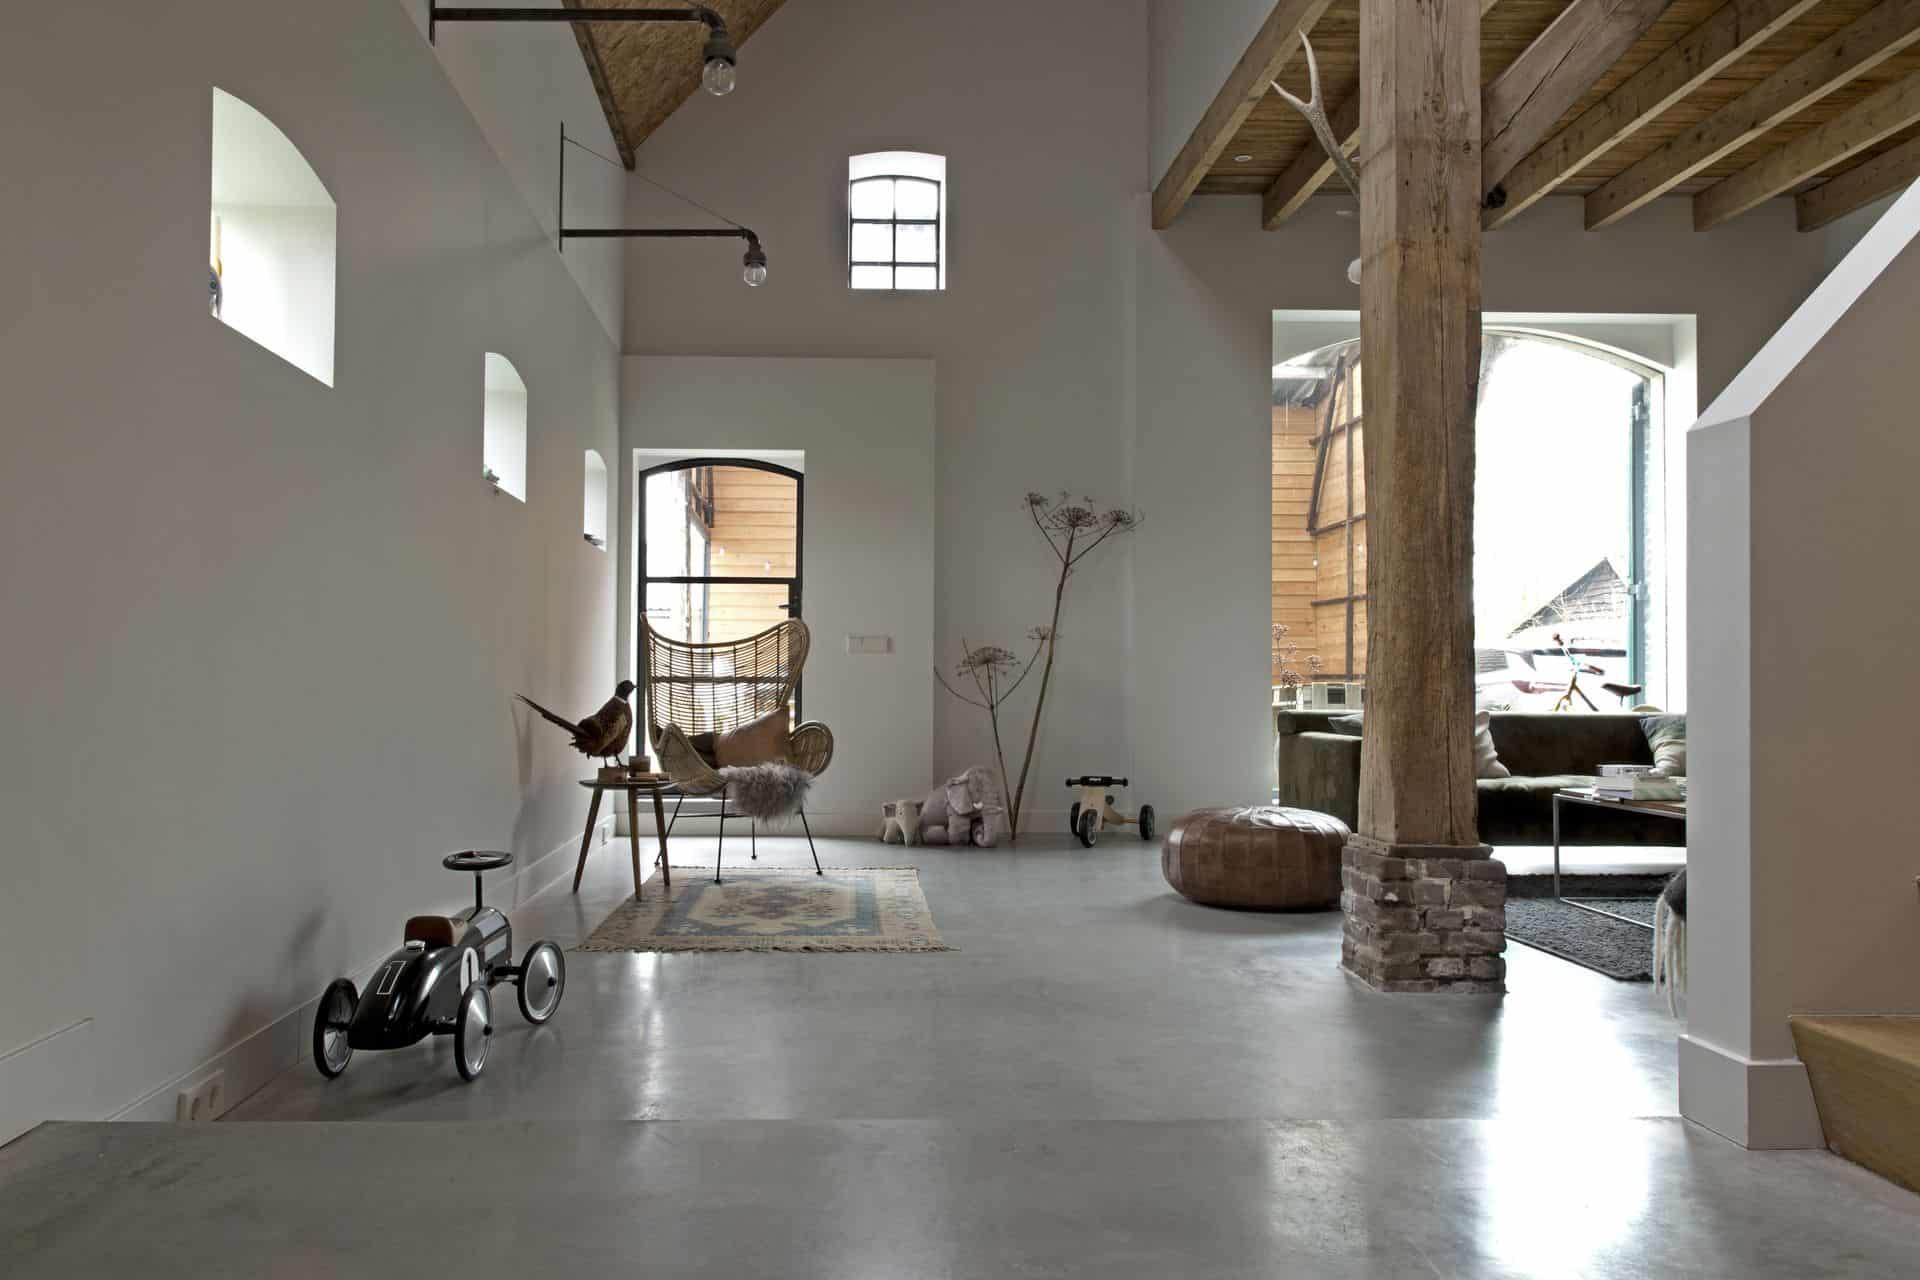 Design betonvloer, Beton design, Betonvloeren, Betonnen vloeren